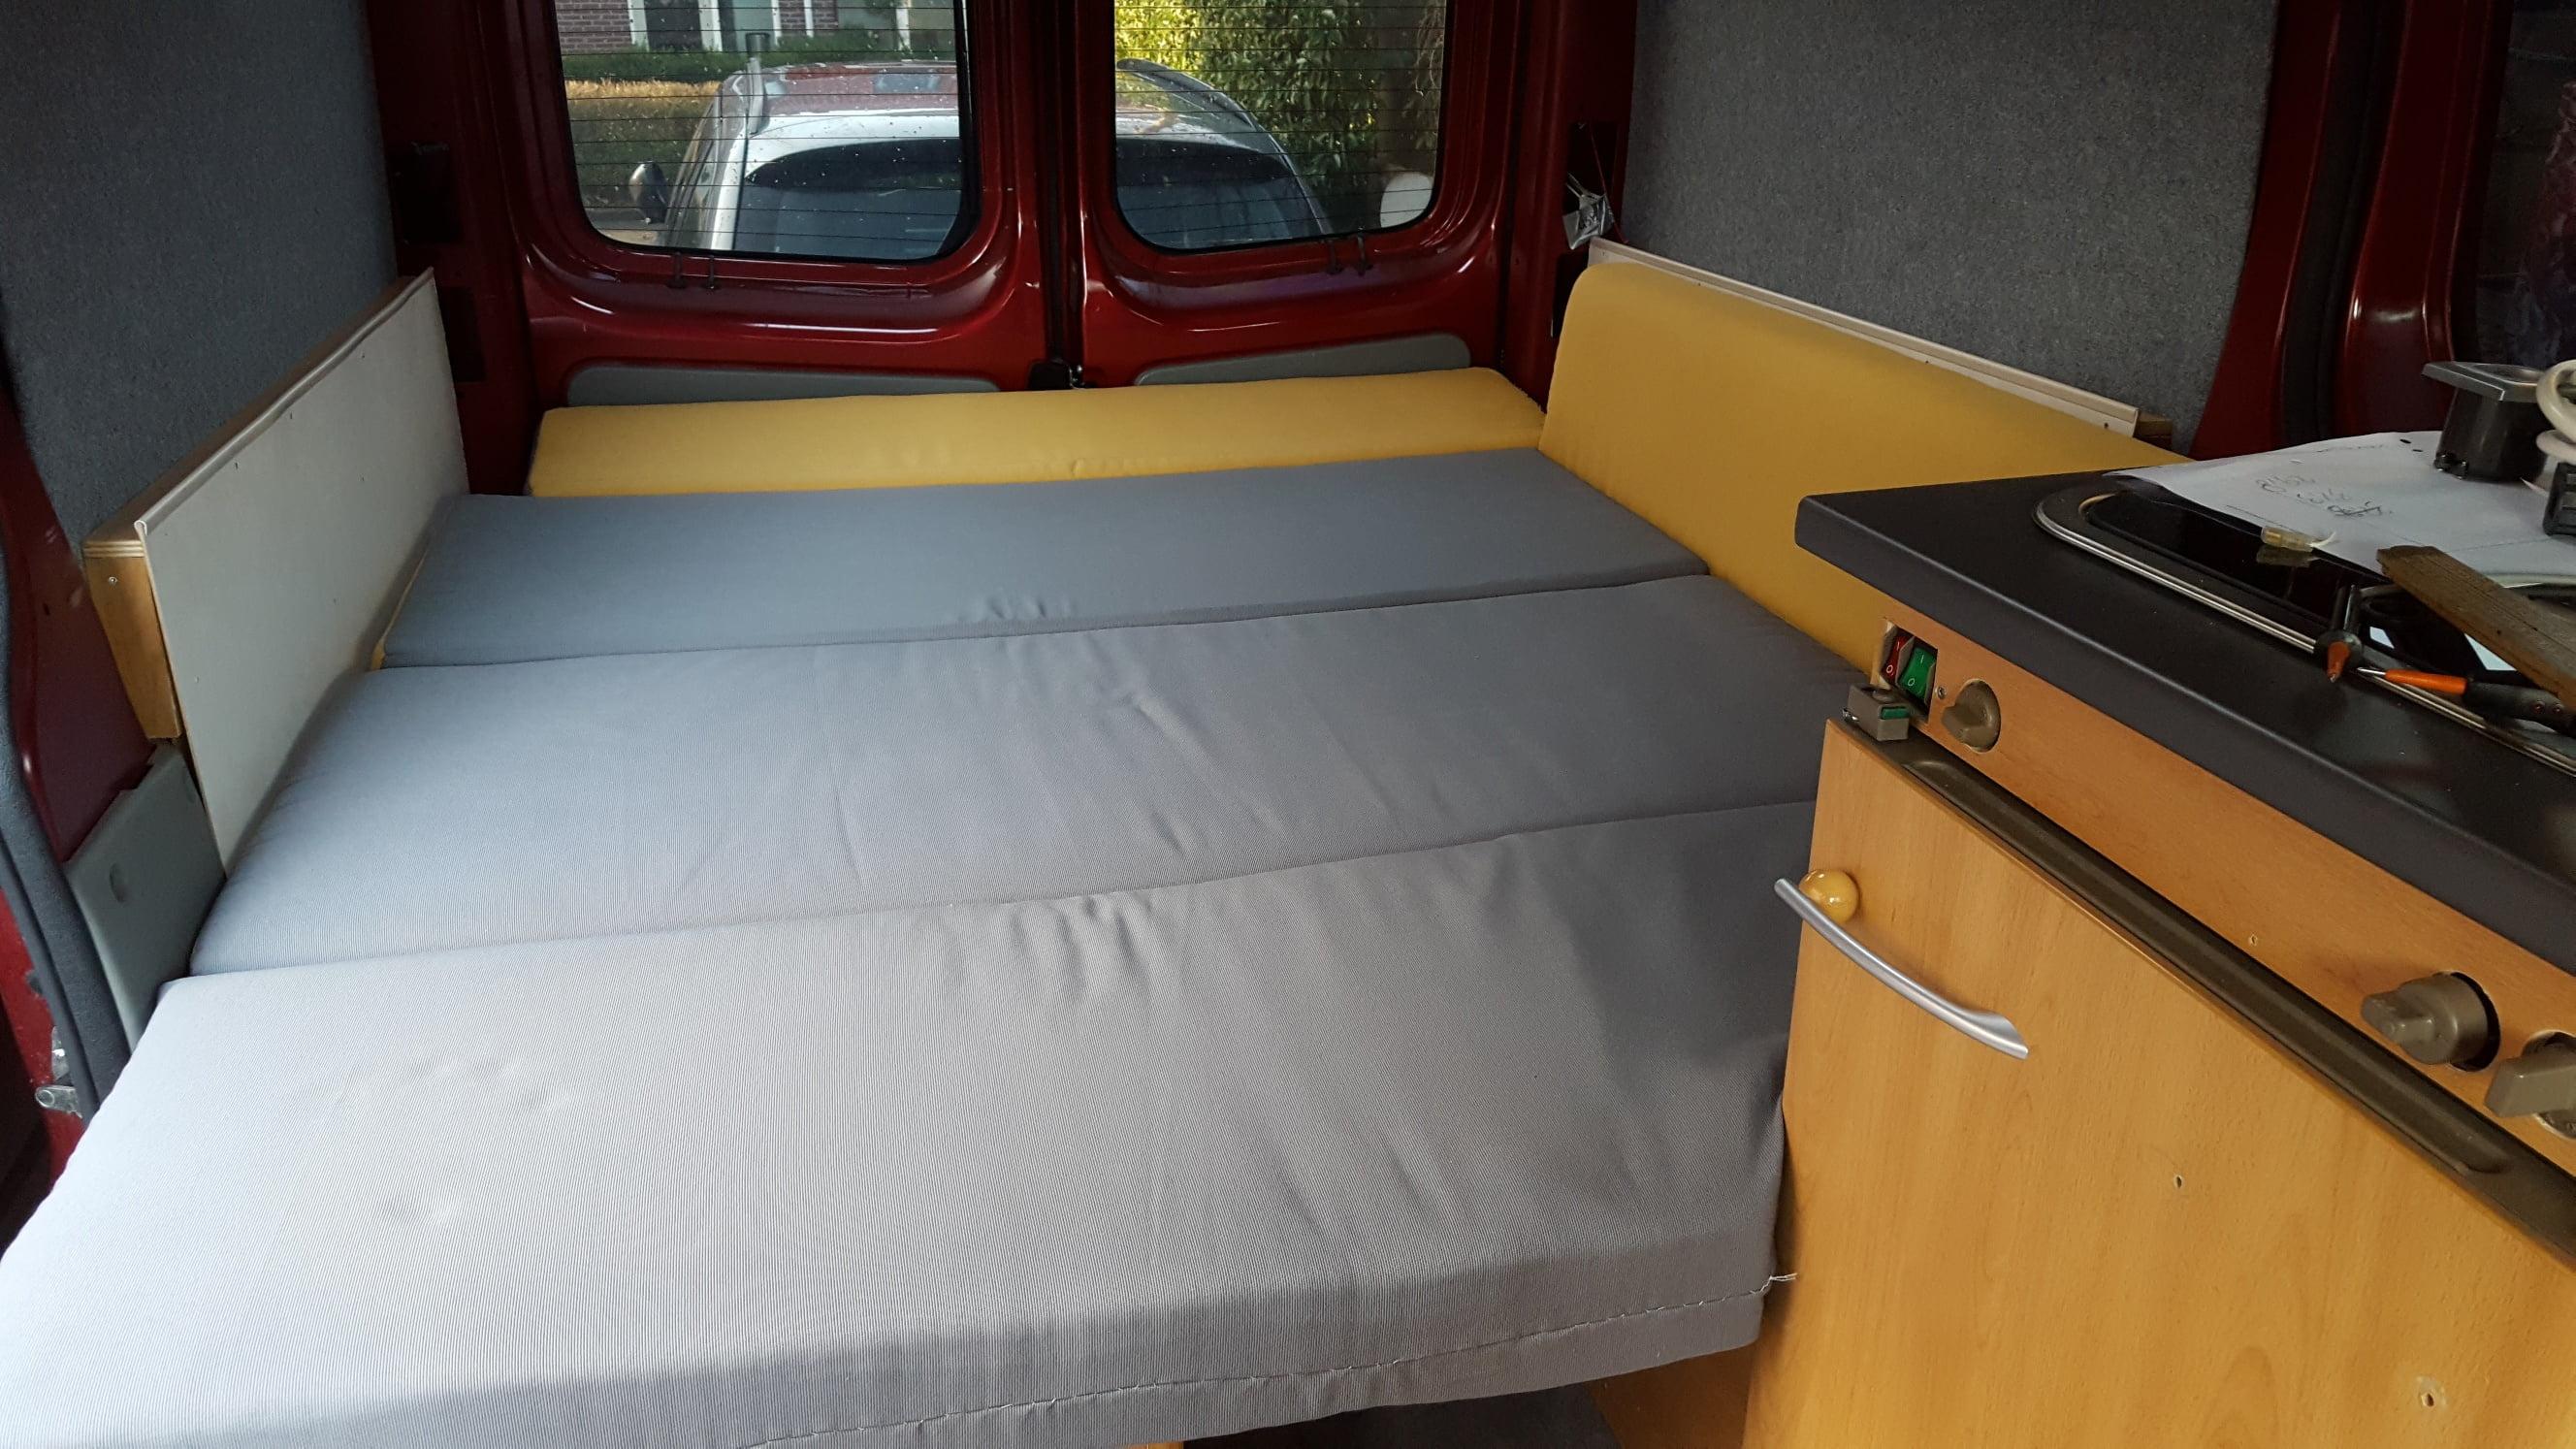 Renault Trafic Buscamper Bed Noorderzon Campers